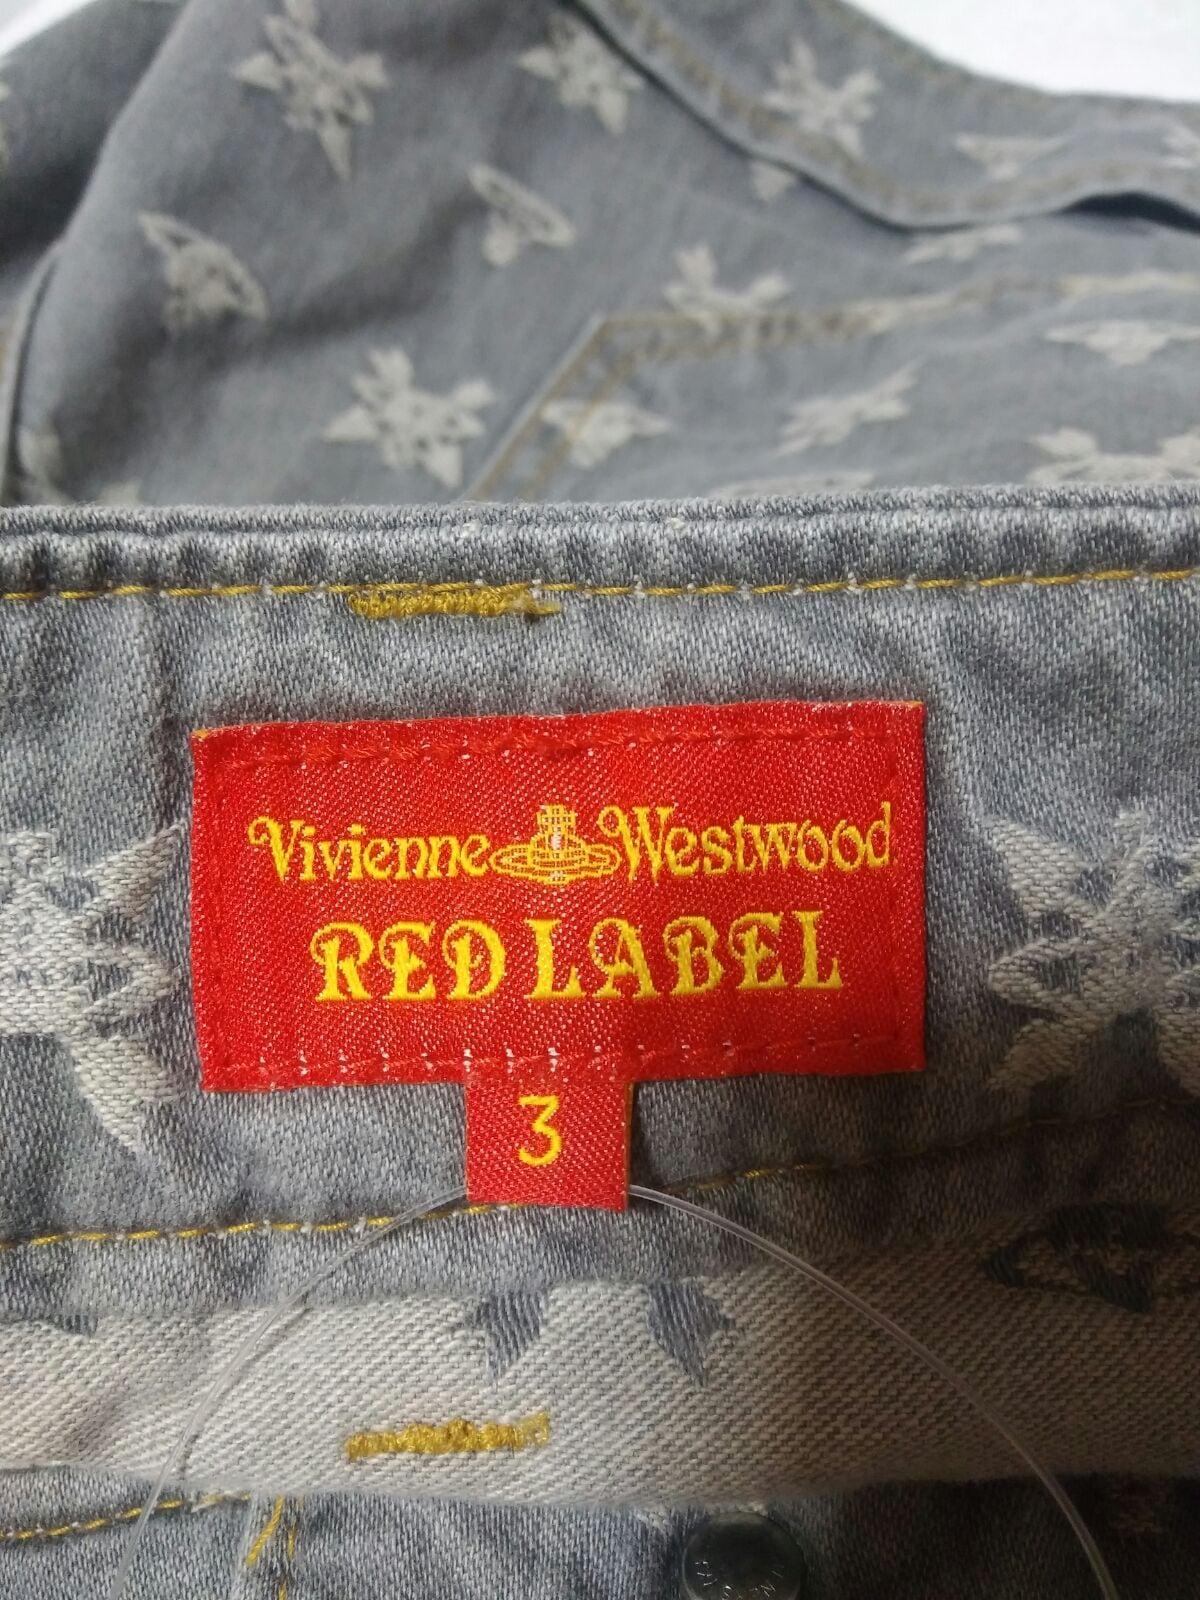 VivienneWestwoodRedLabel(ヴィヴィアンウエストウッドレッドレーベル)のパンツ